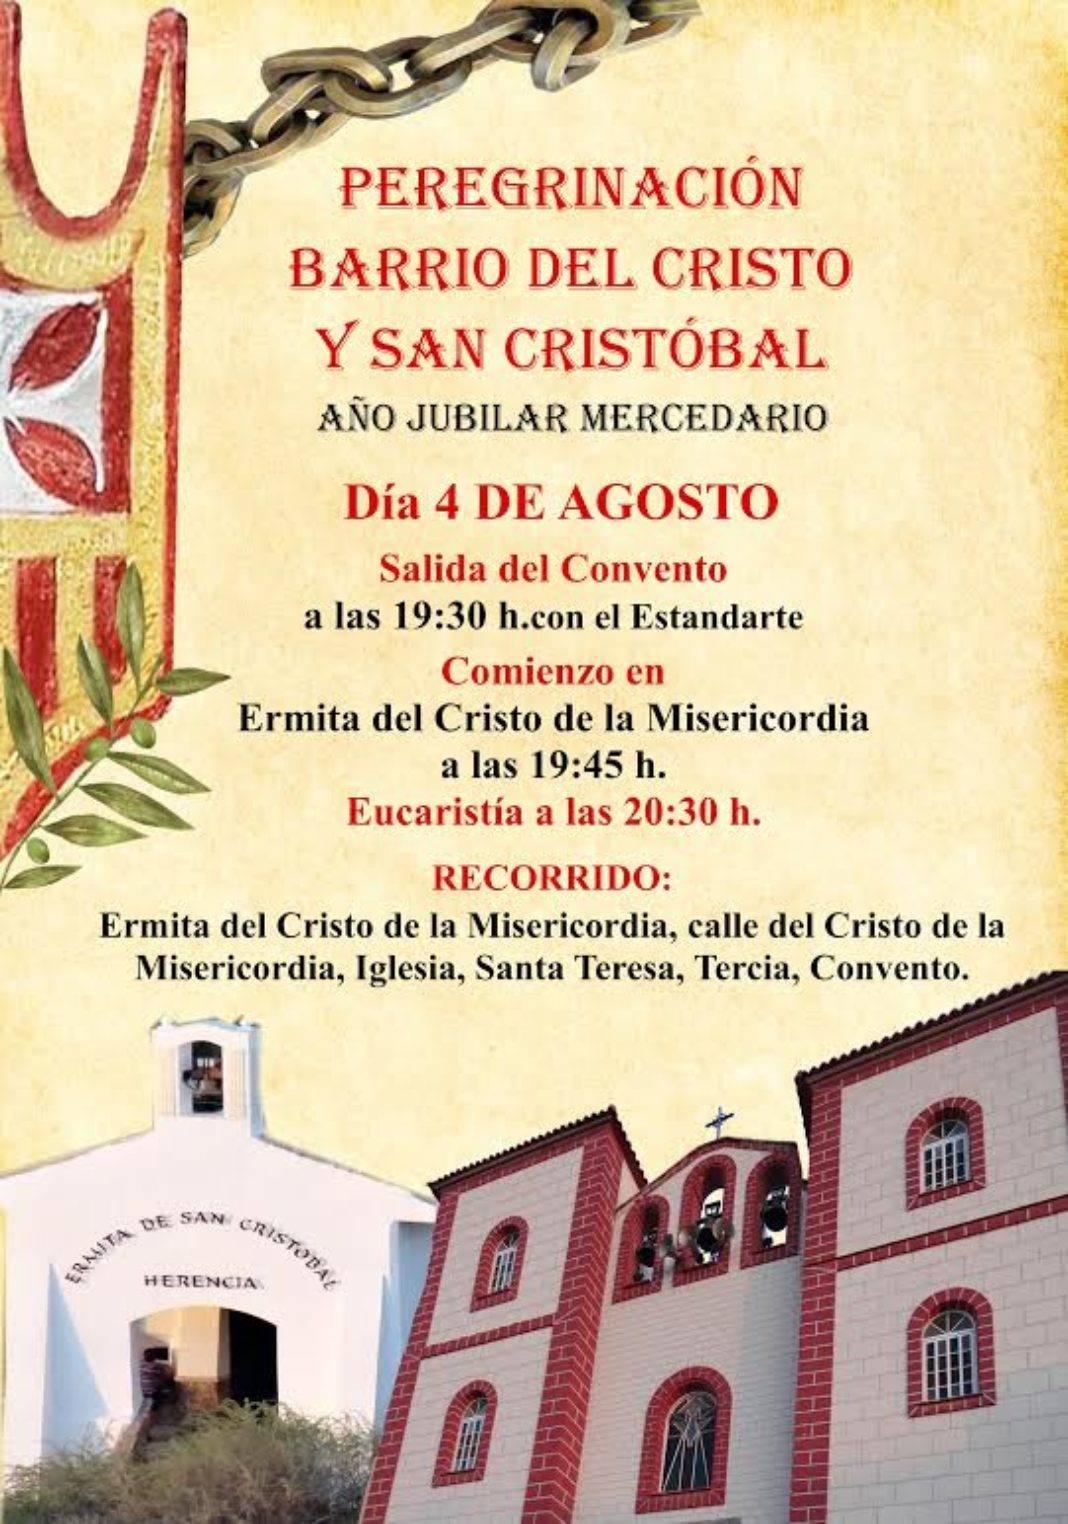 peregrinacion barrio del Cristo y San Cristobal de herencia 1068x1524 - Peregrinación jubilar del barrio del Cristo y San Cristóbal